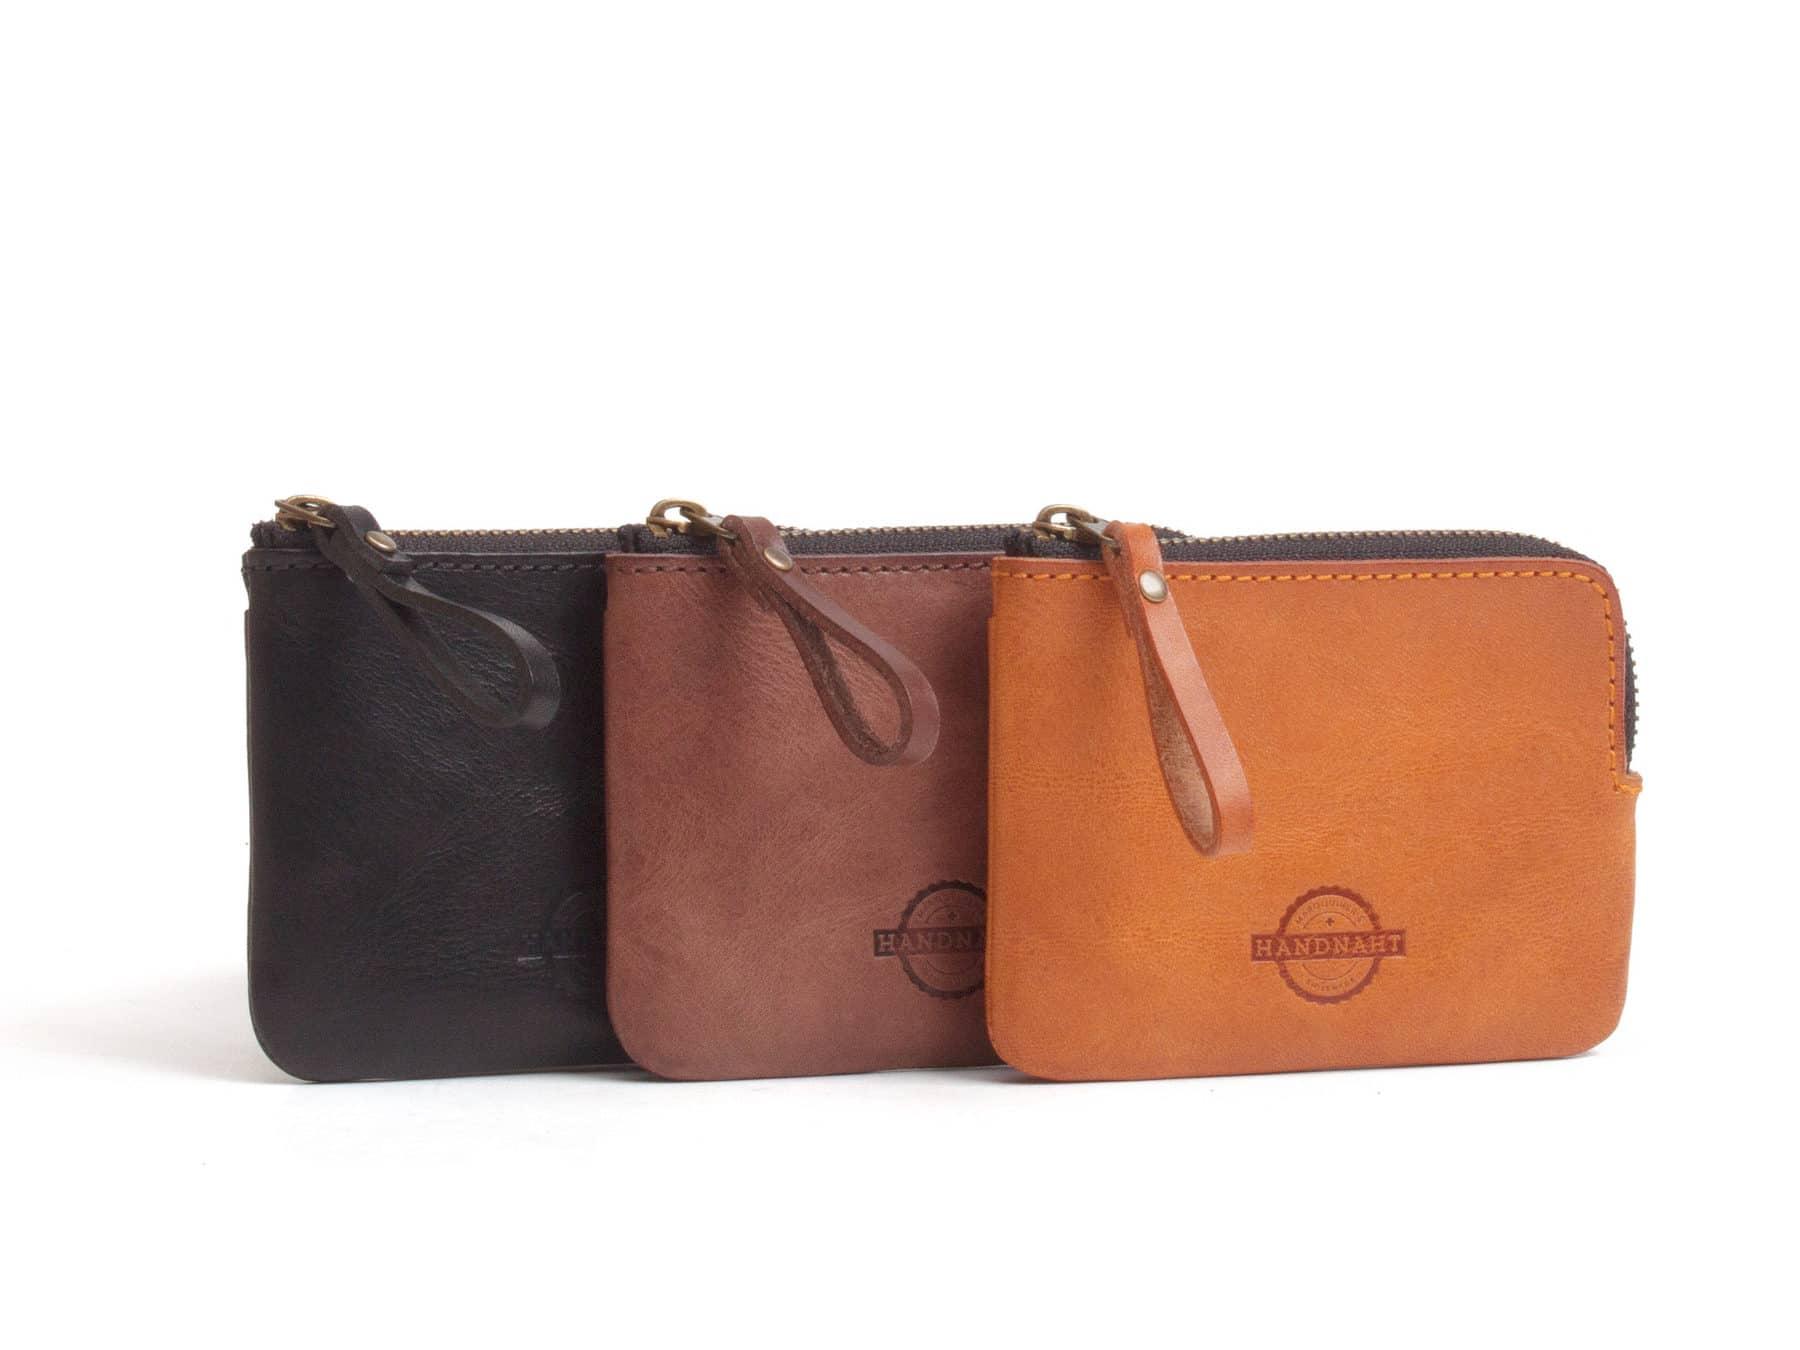 Leder Portemonnaie Brieftasche Leder Schweiz Handnaht KURTS.ch